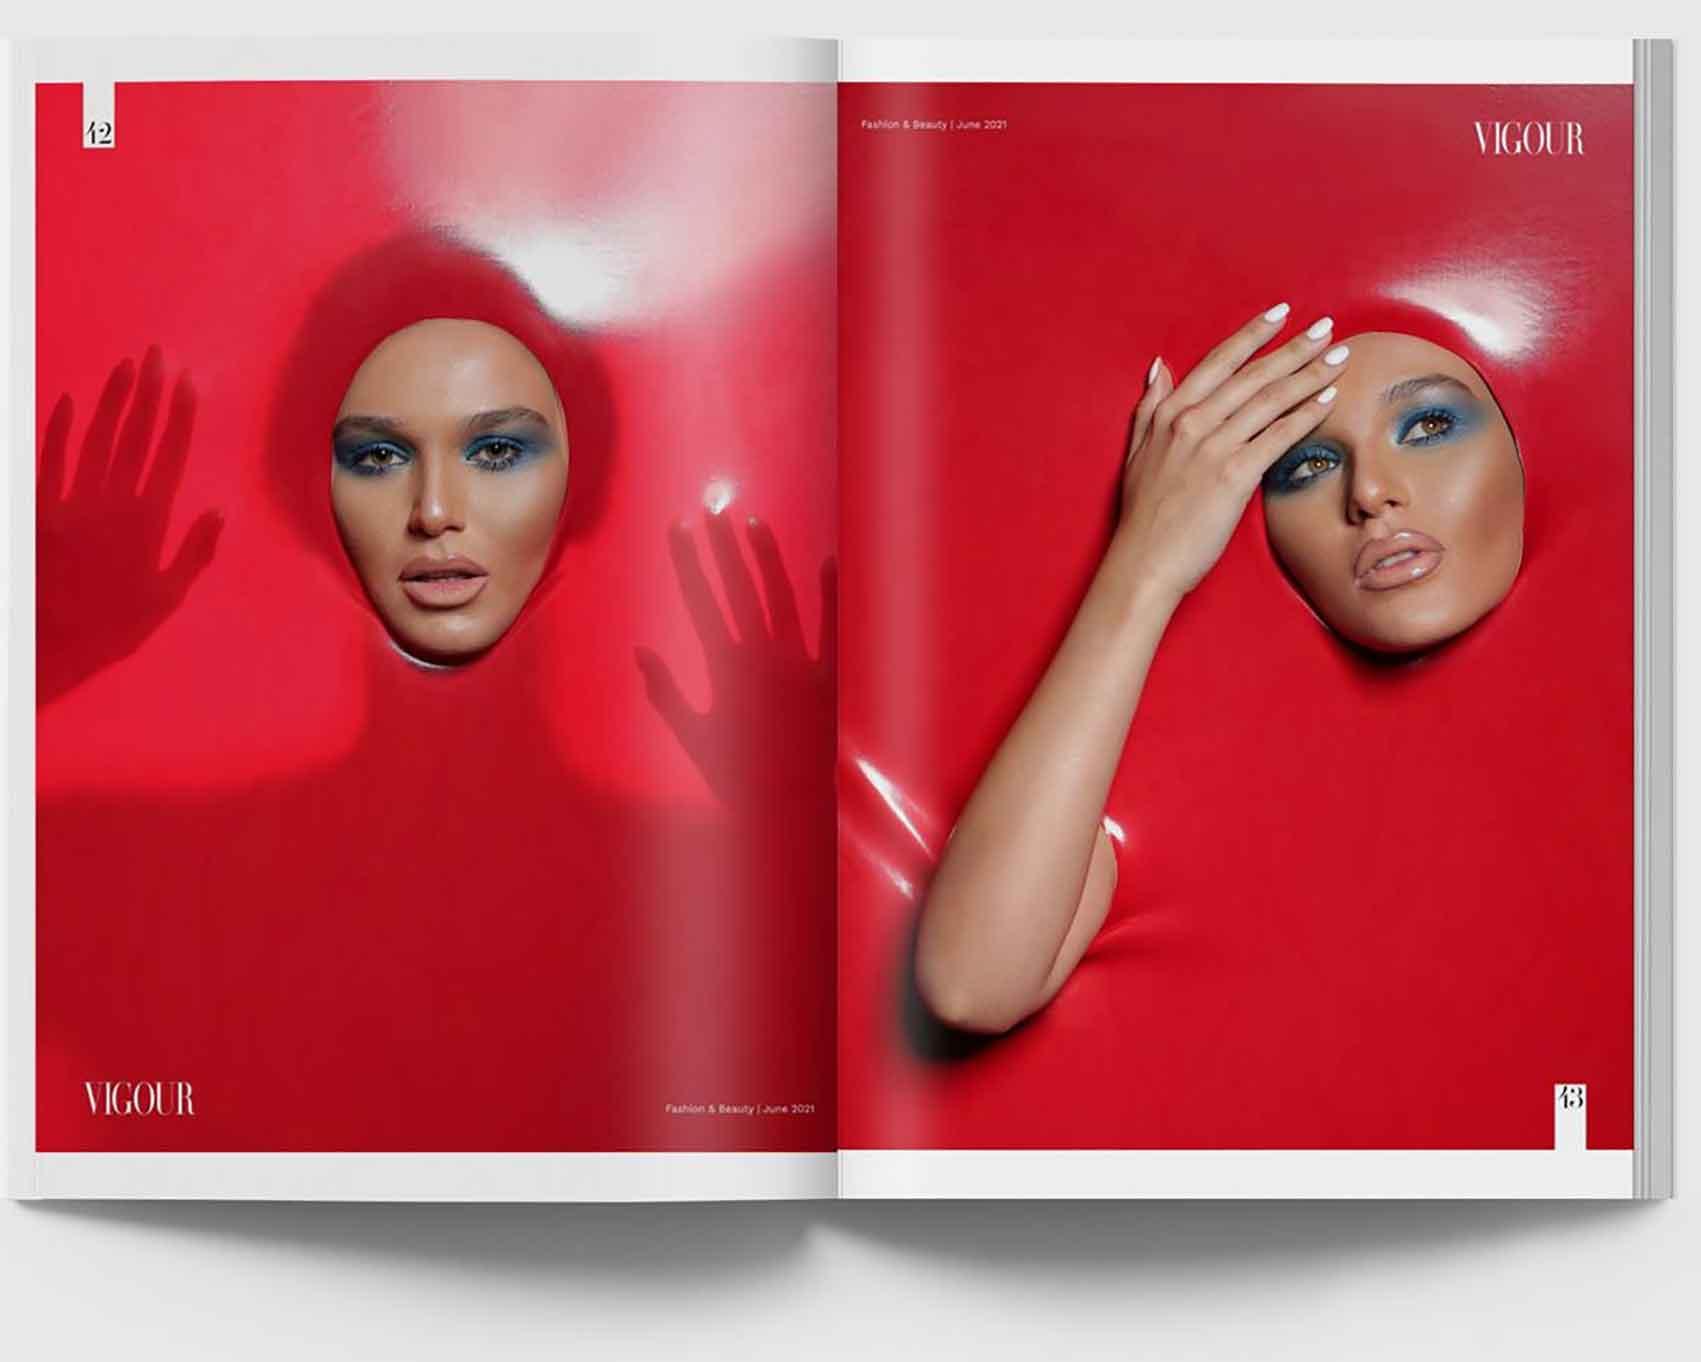 מתוך מגזין האופנה הקנדי, איפור ירין שחף, צילום מריה סלוביוב - 2